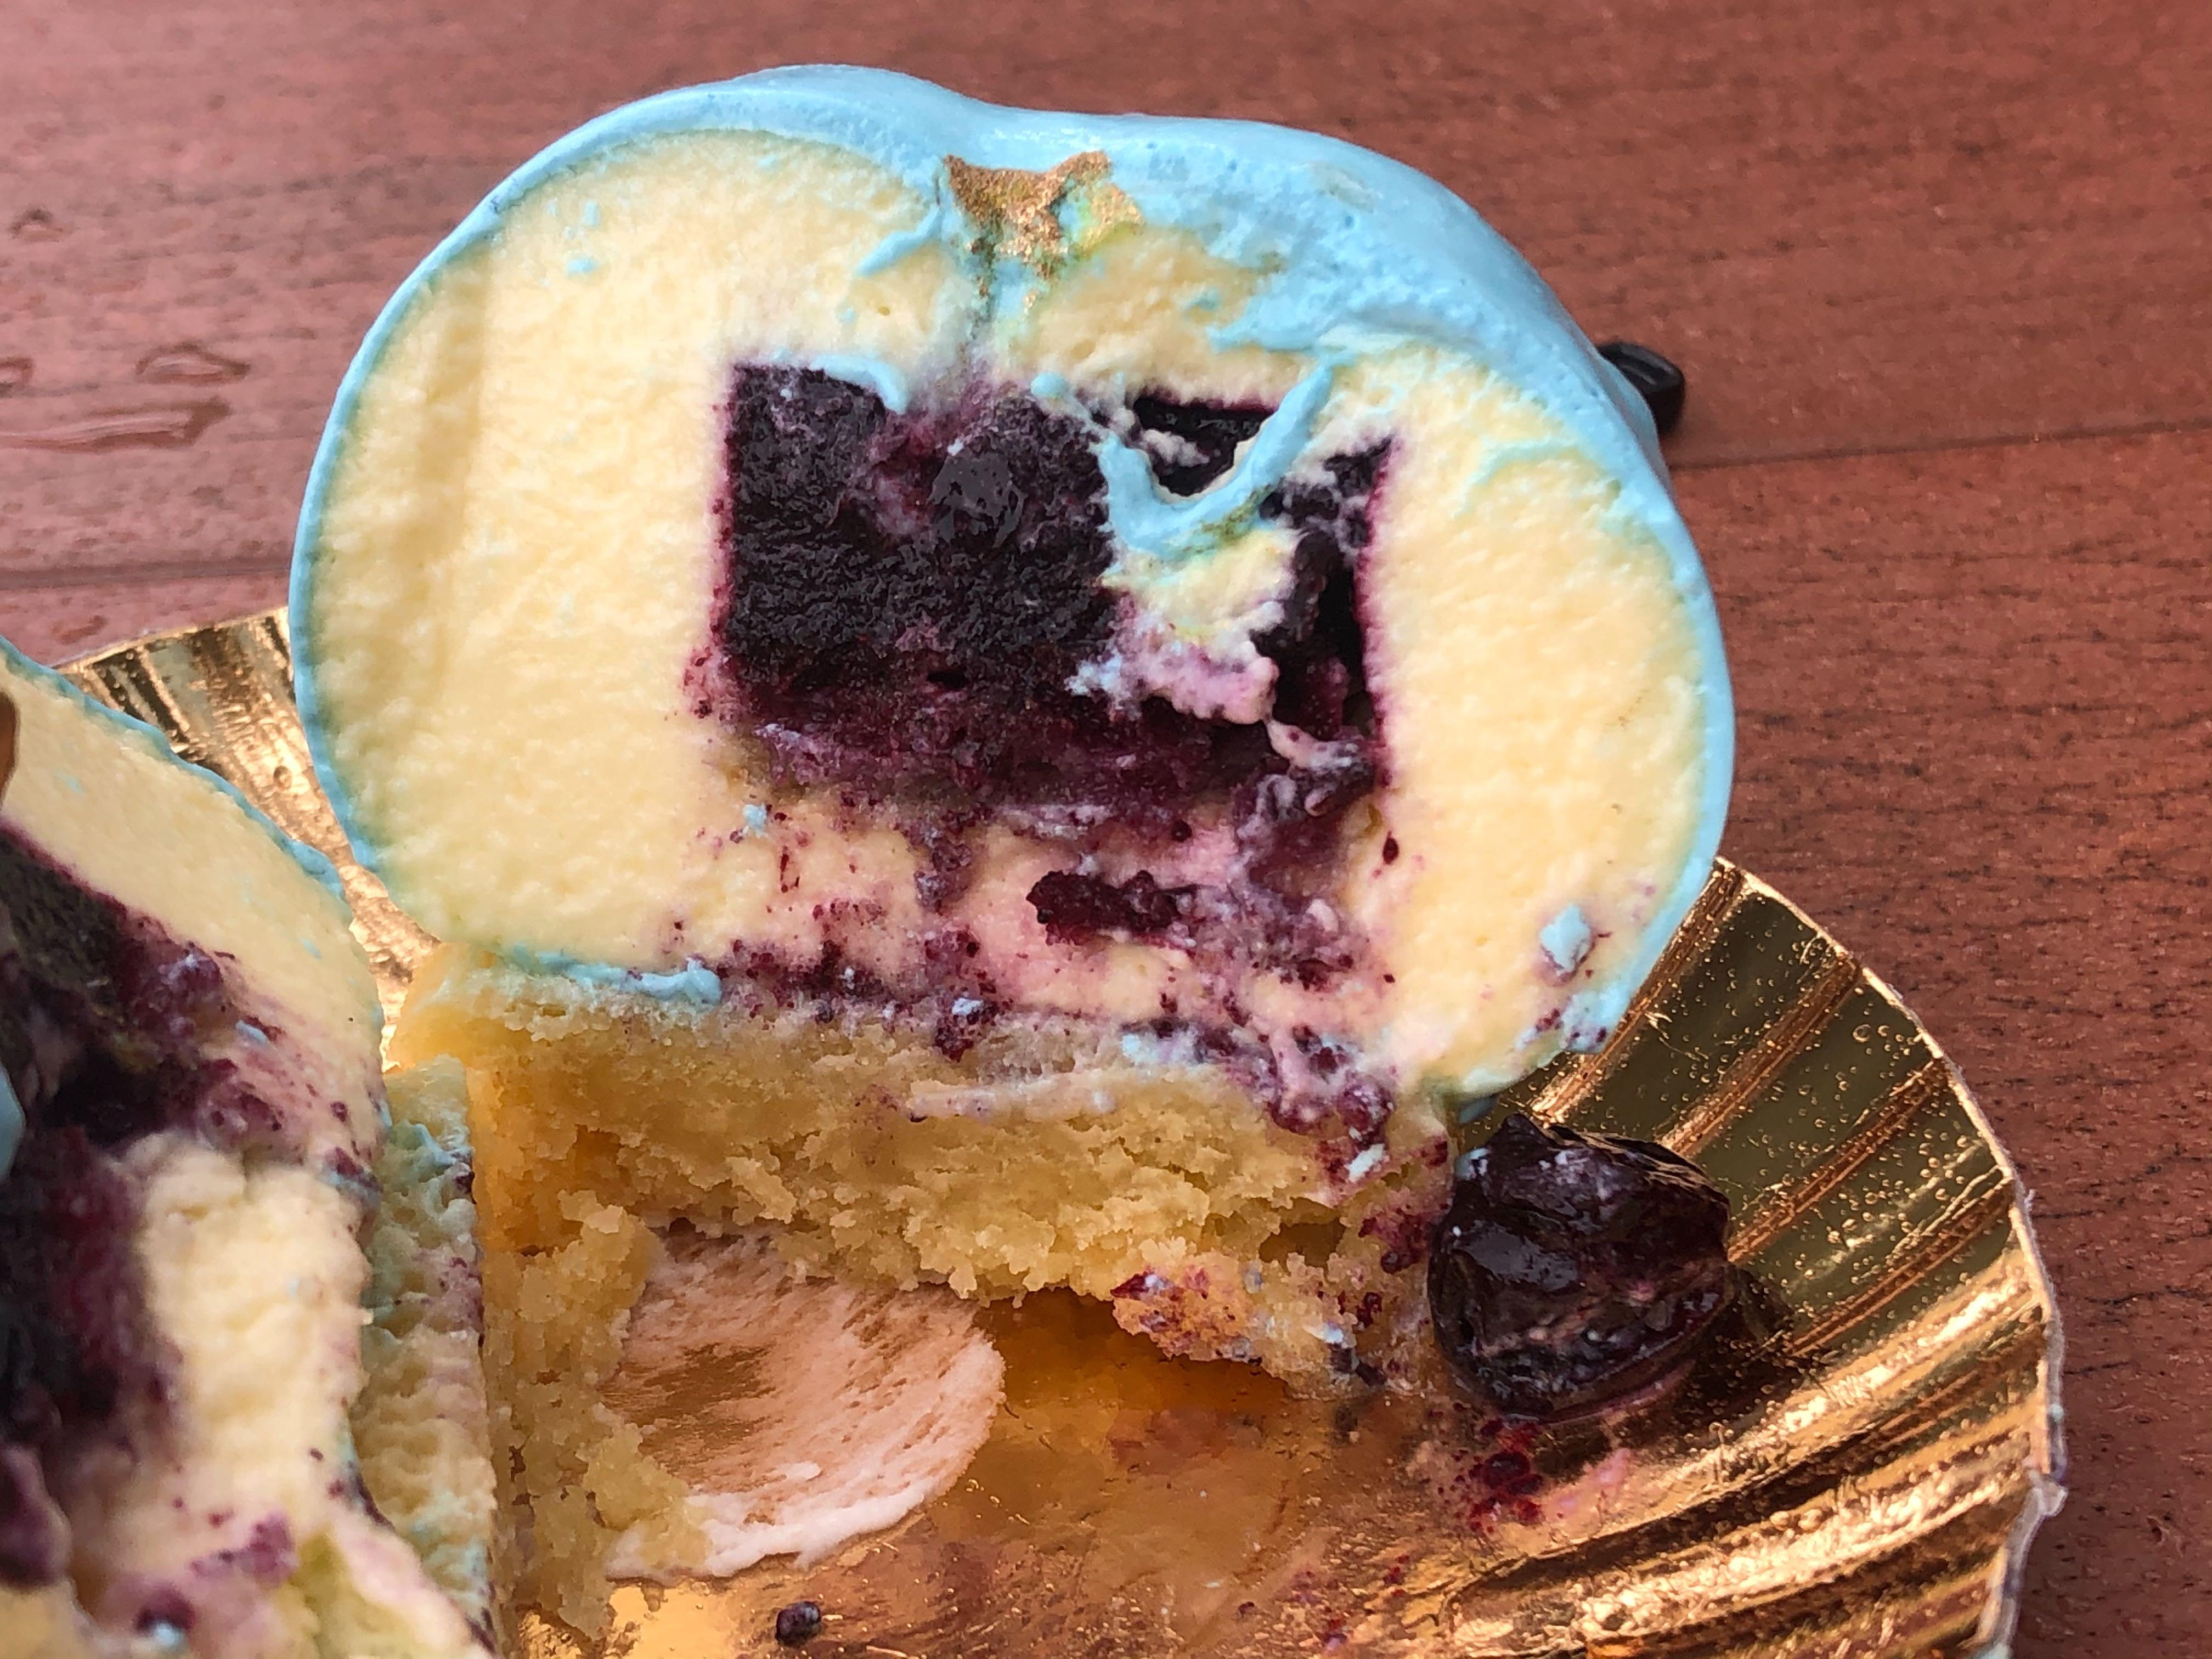 bibbidi-bobbidi-boo-cake-02-01-2020-8.jpg